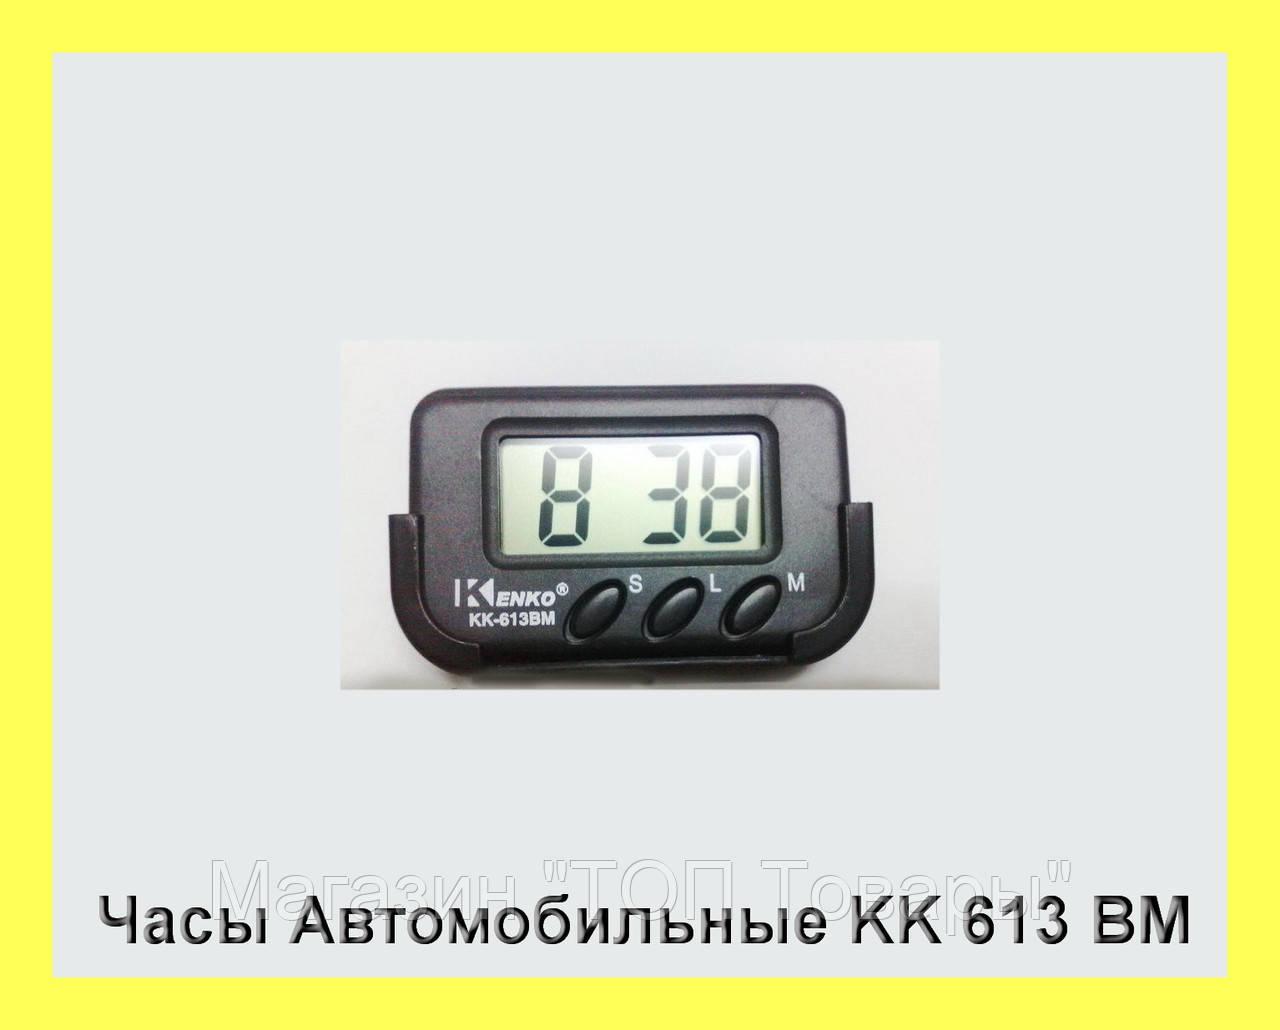 """Часы Автомобильные KK 613 BM - Магазин """"ТОП Товары"""" в Одессе"""